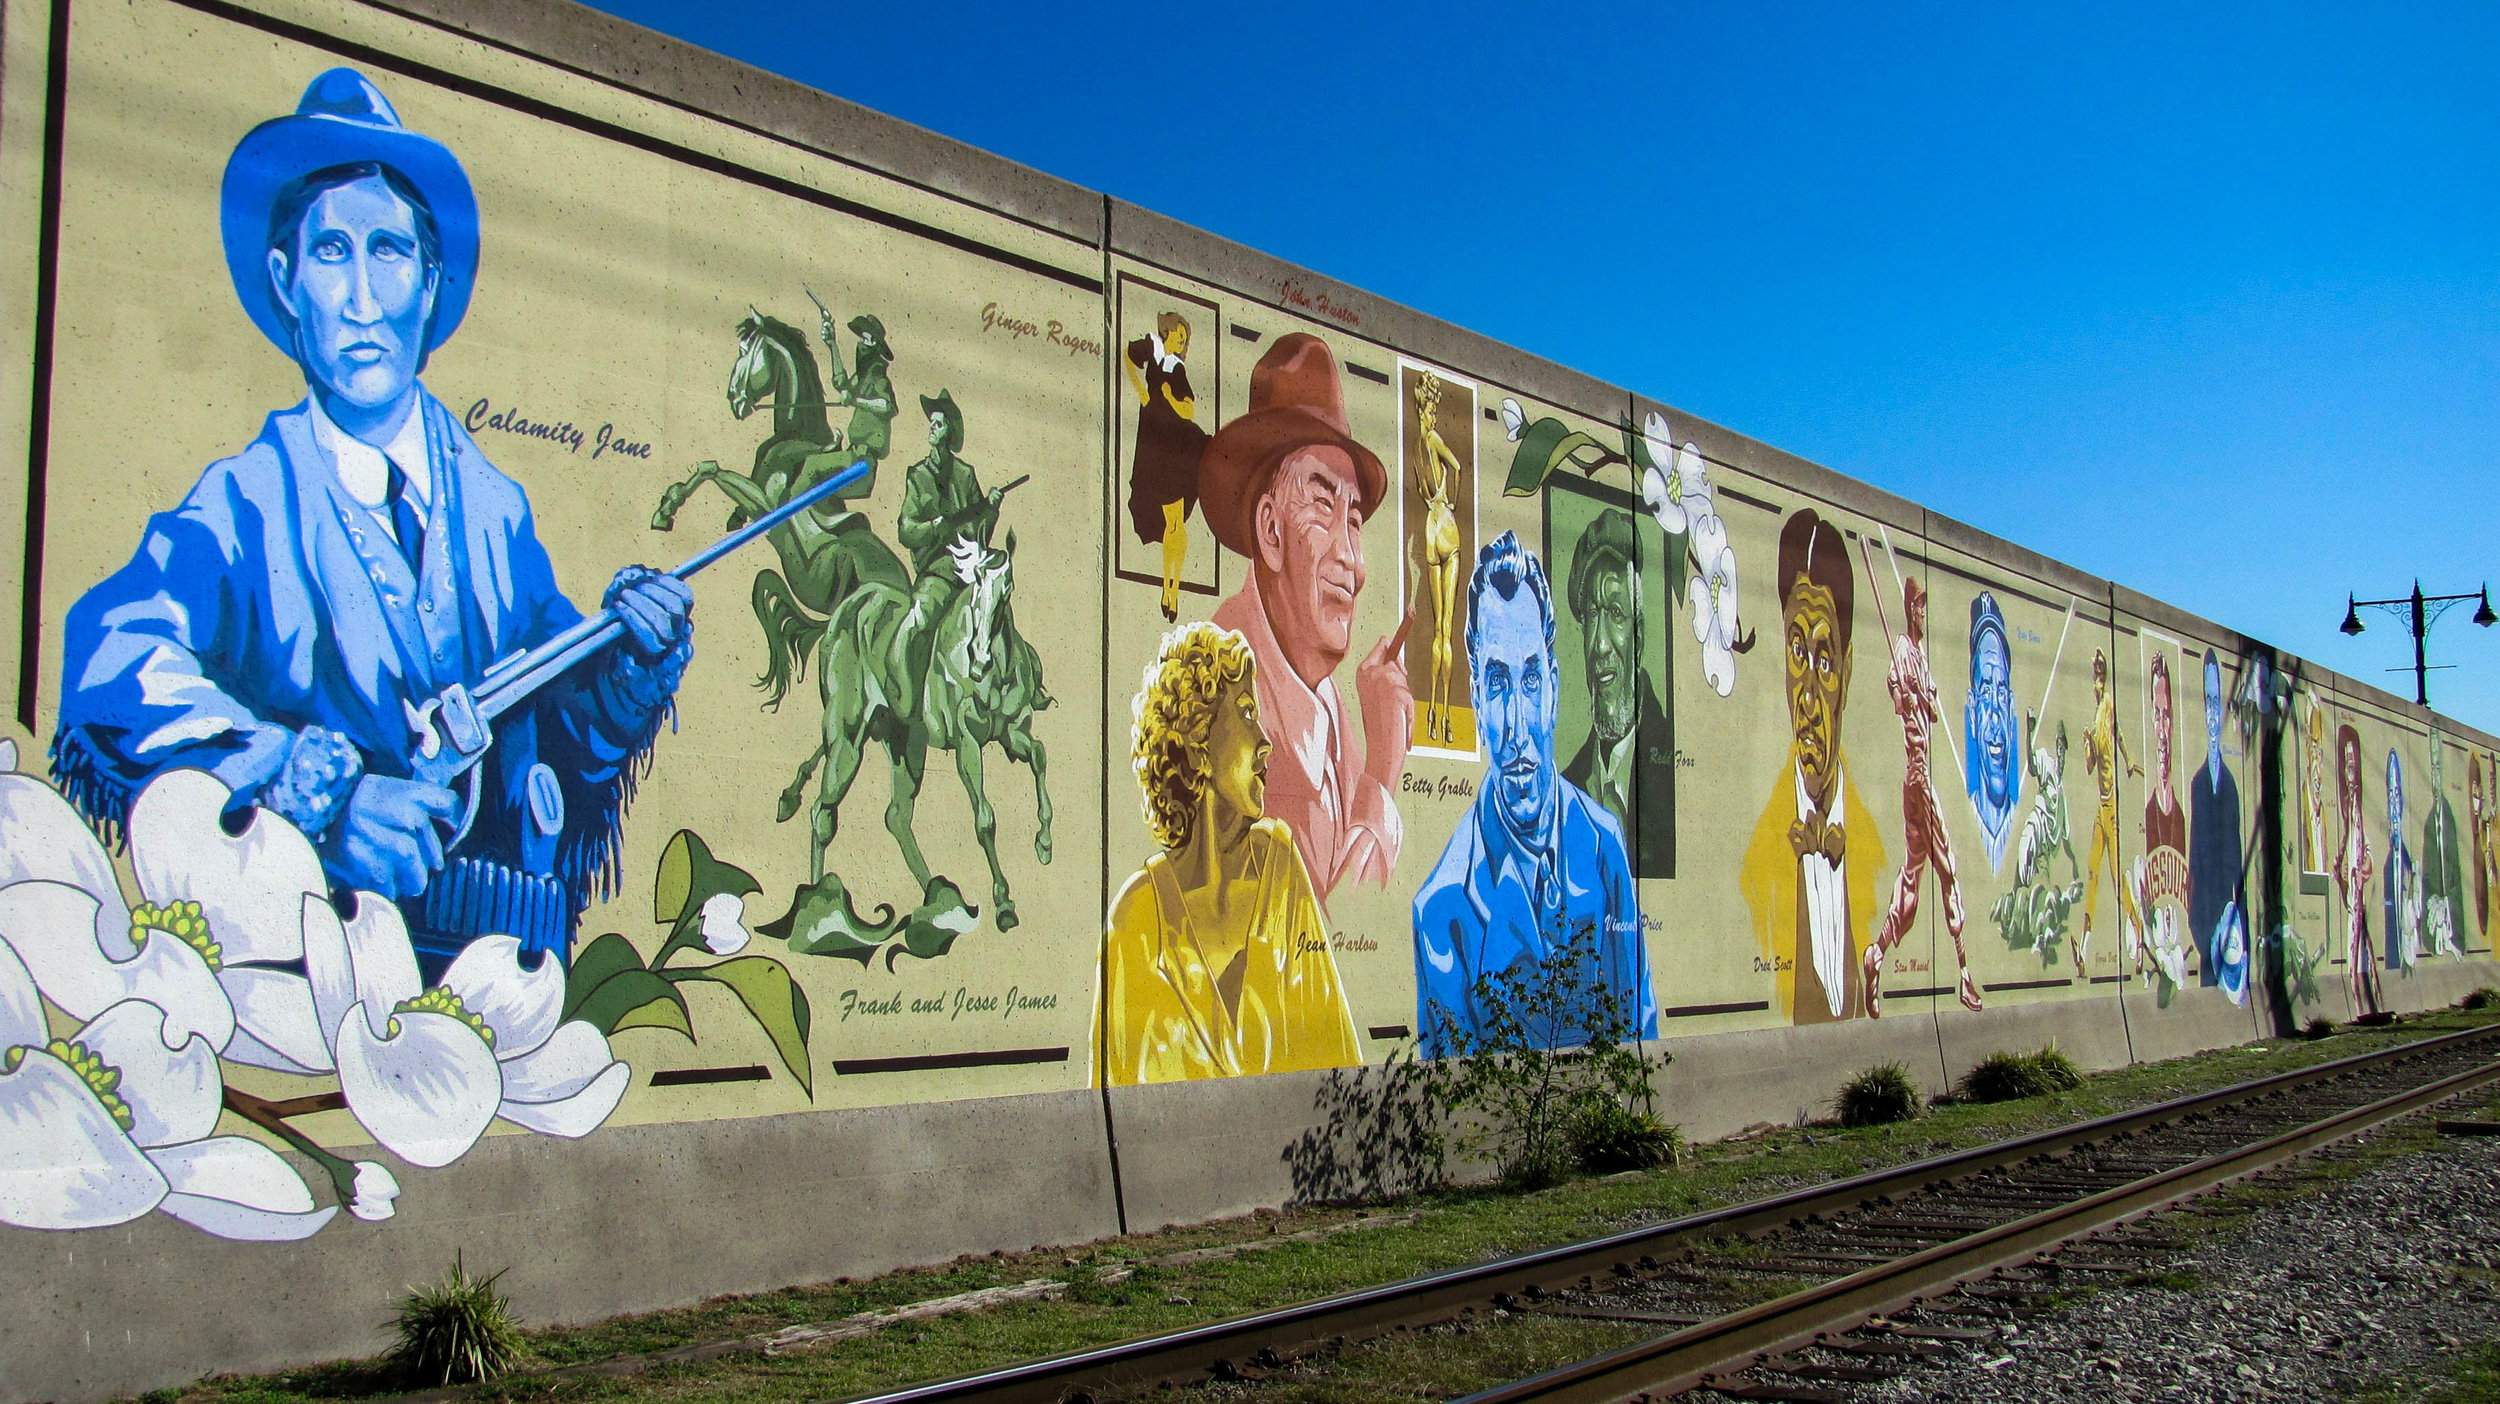 cape-mural-10142010-alr-0271.jpg